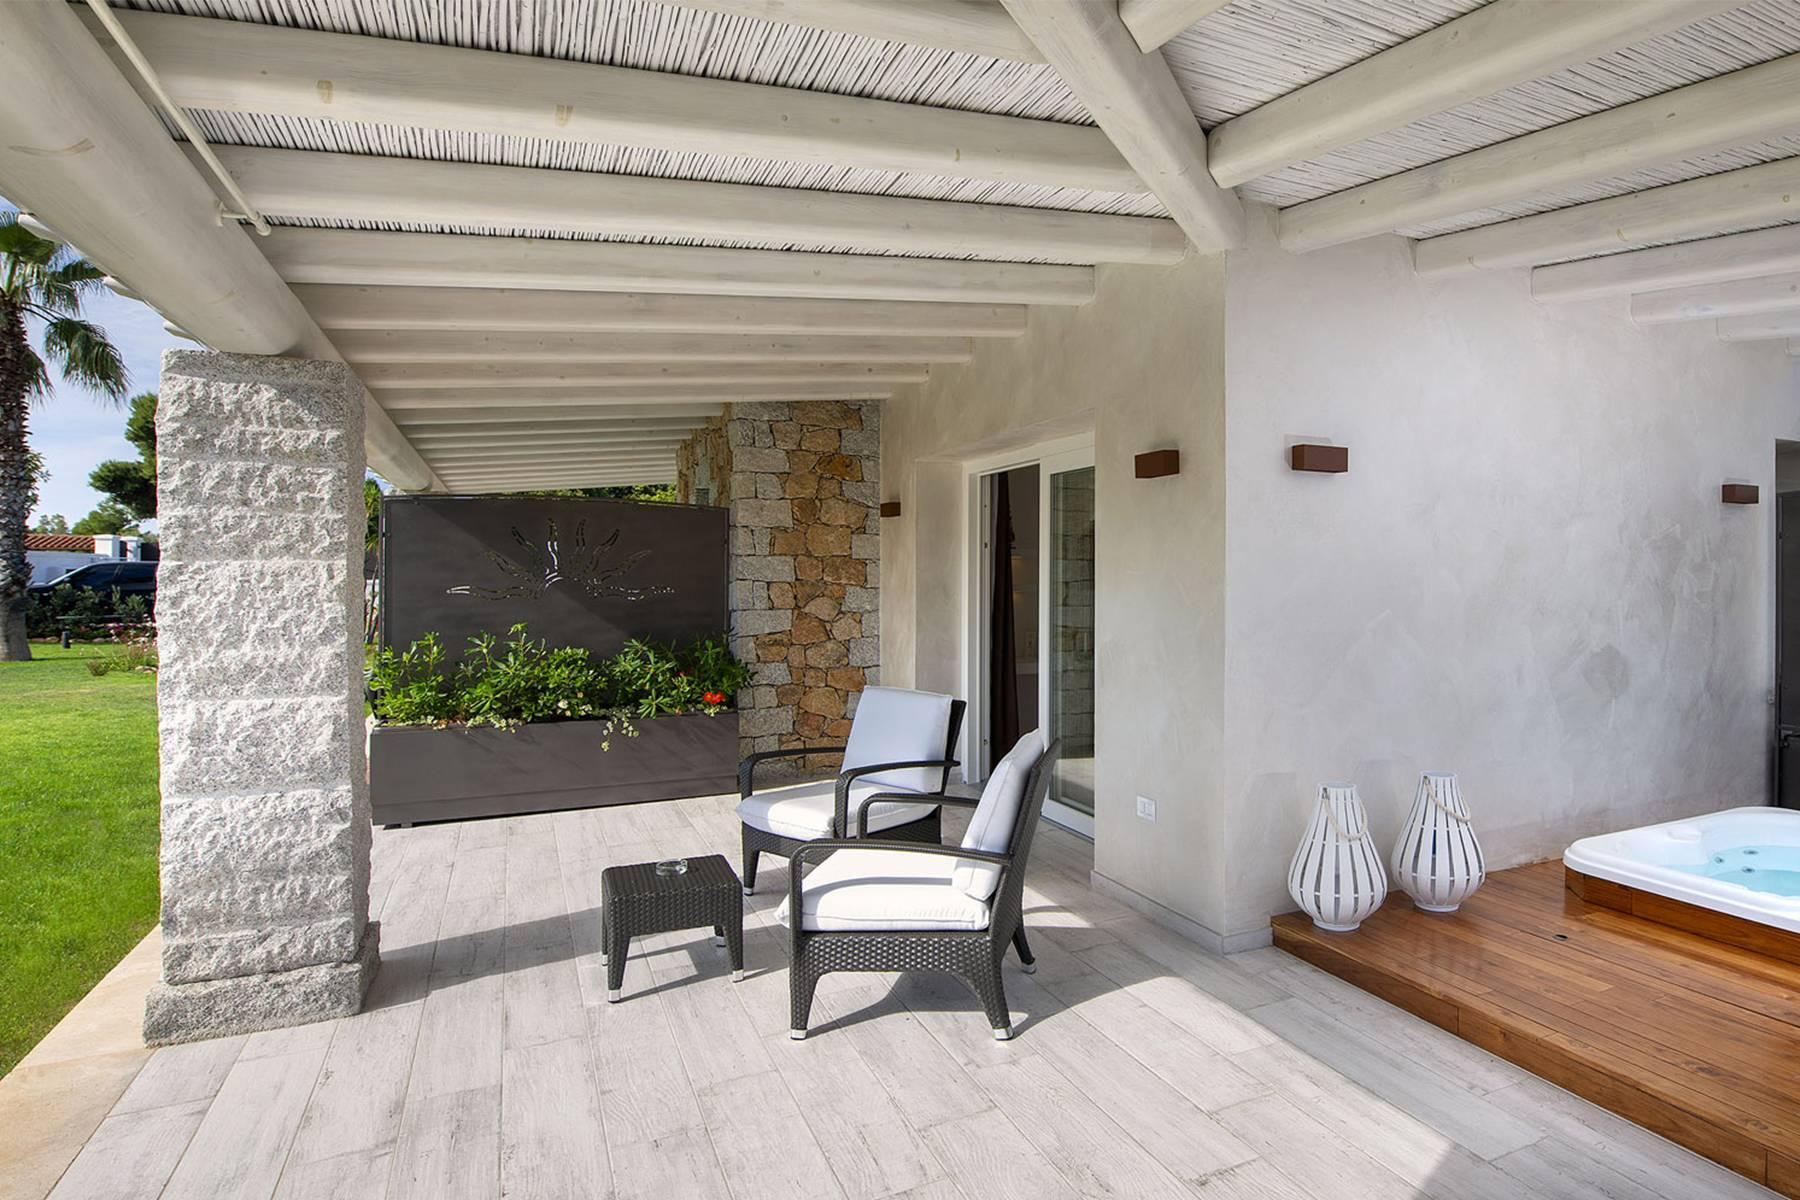 Villa indipendente vicino al mare e al suggestivo sito archeologico di Nora. - 6